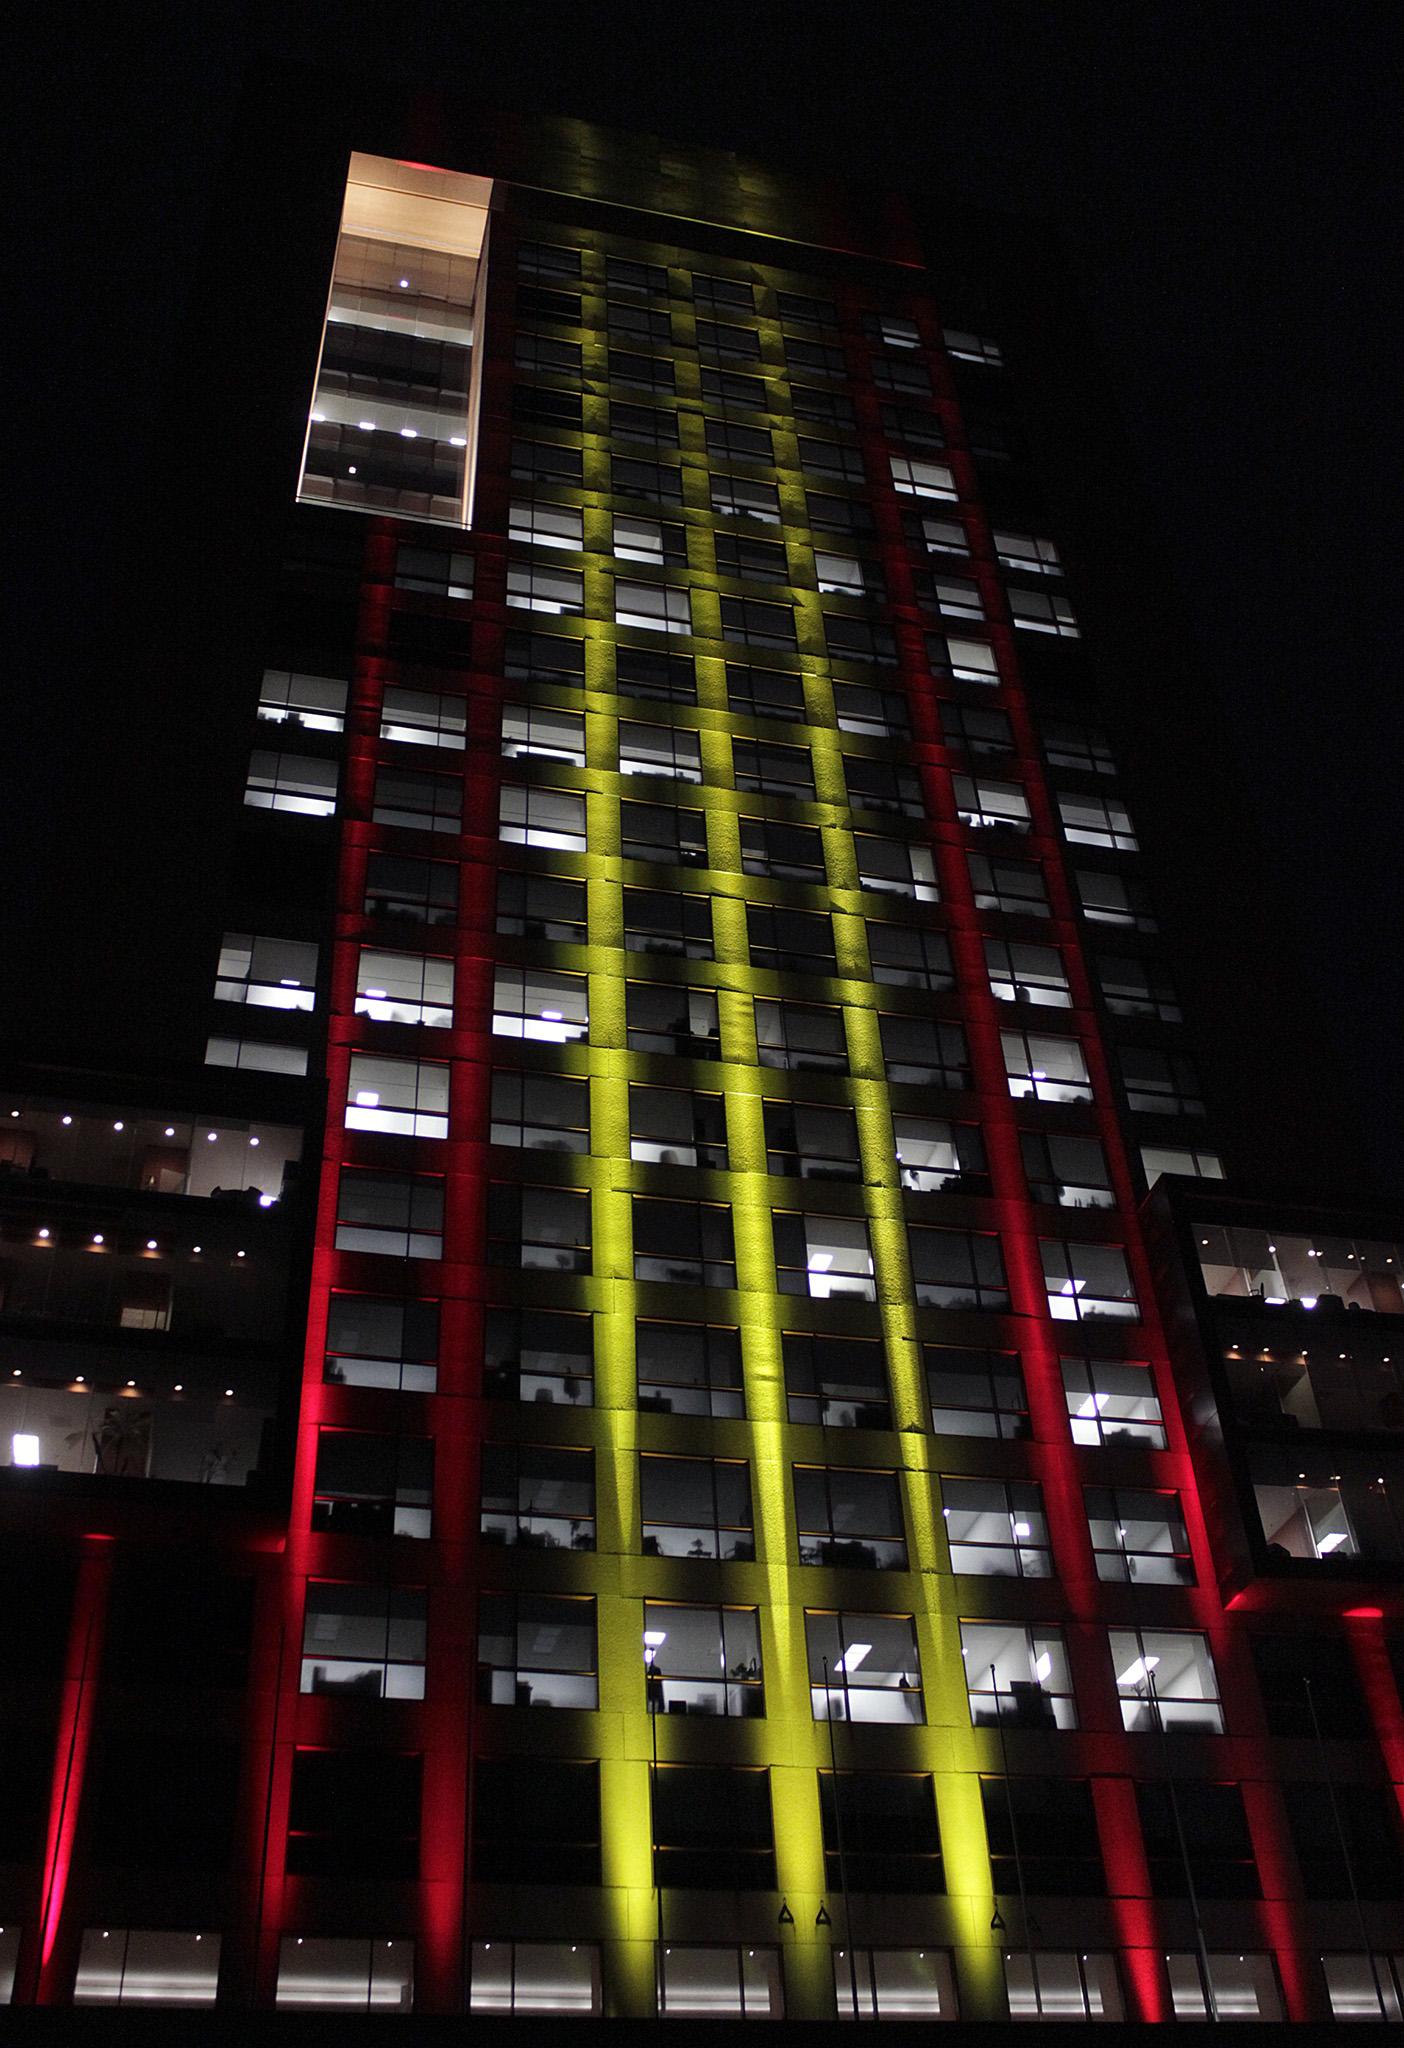 FOTO 1 Edificio de la SRE iluminado con los colores de Espa ajpg